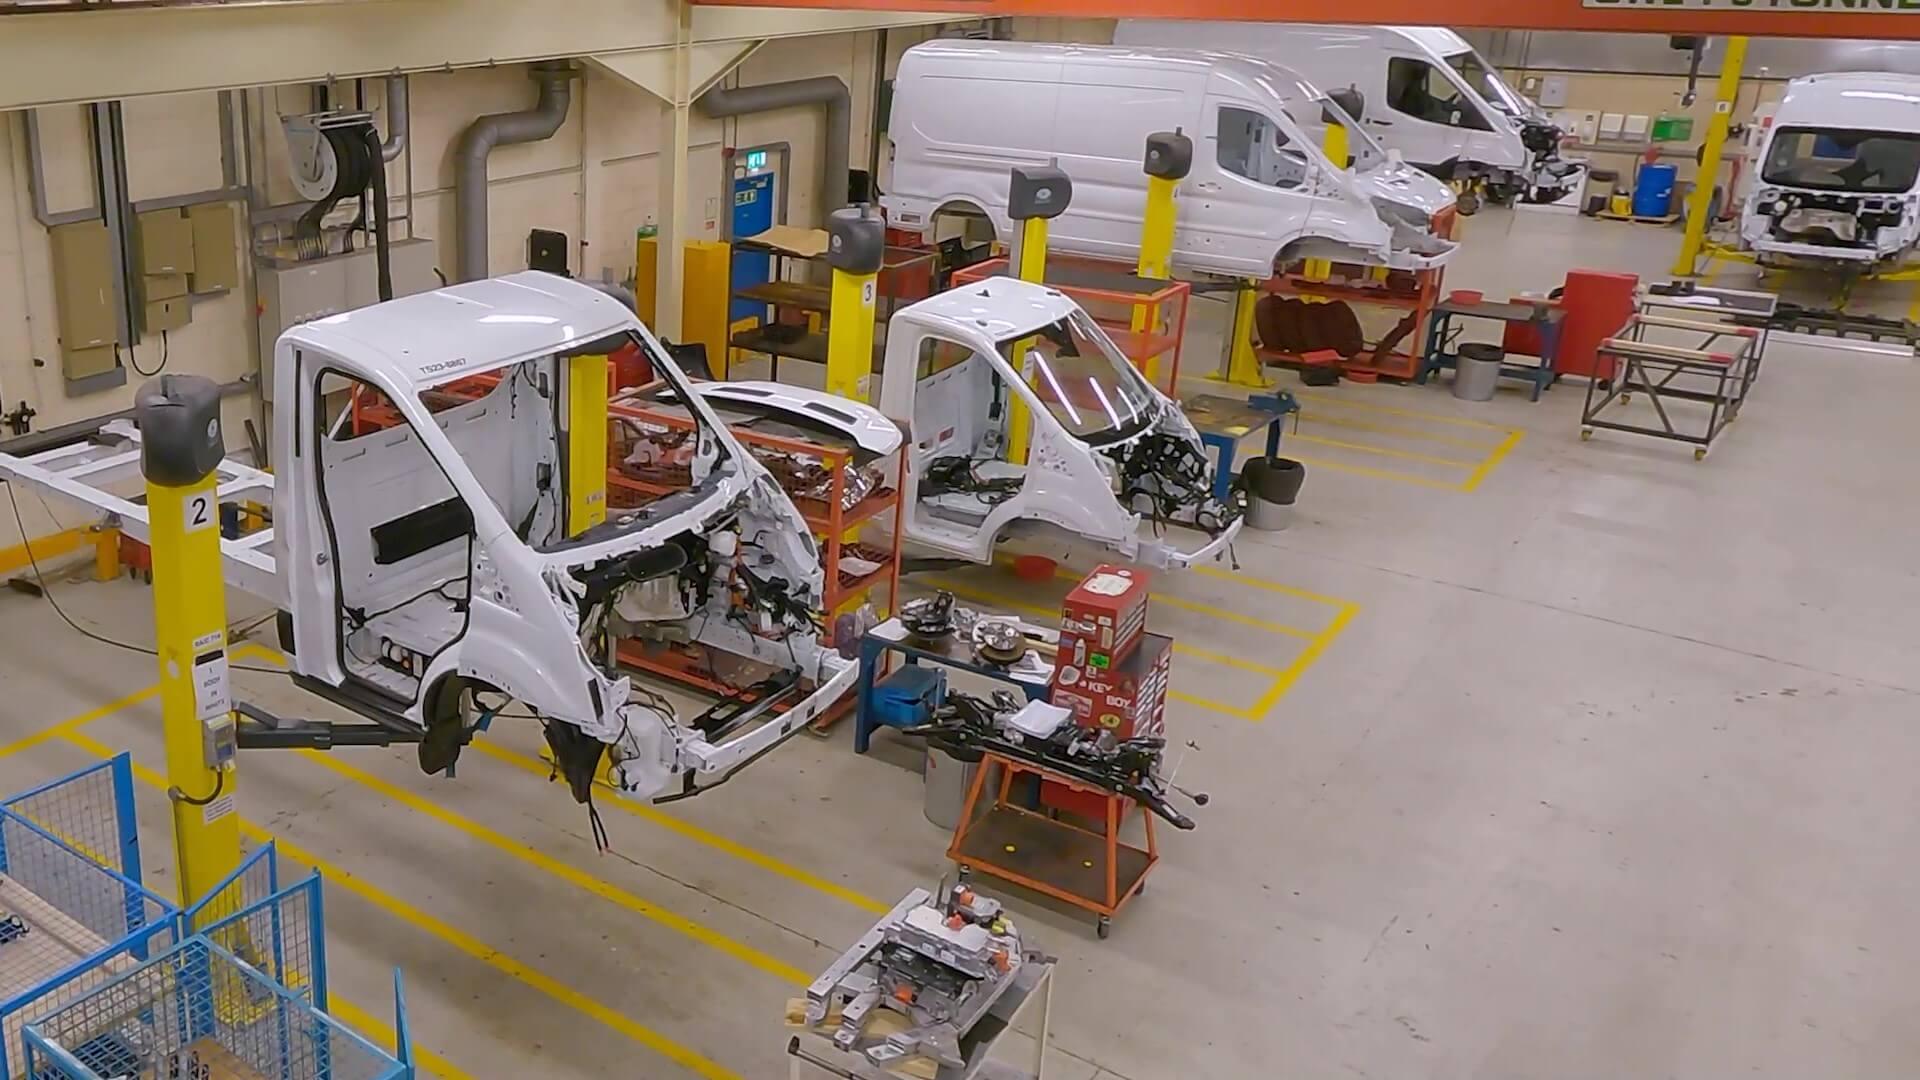 Участвующие в испытании прототипы фургонов собраны в глобальном центре передового опыта в области коммерческих автомобилей Ford в Дантоне, Великобритания